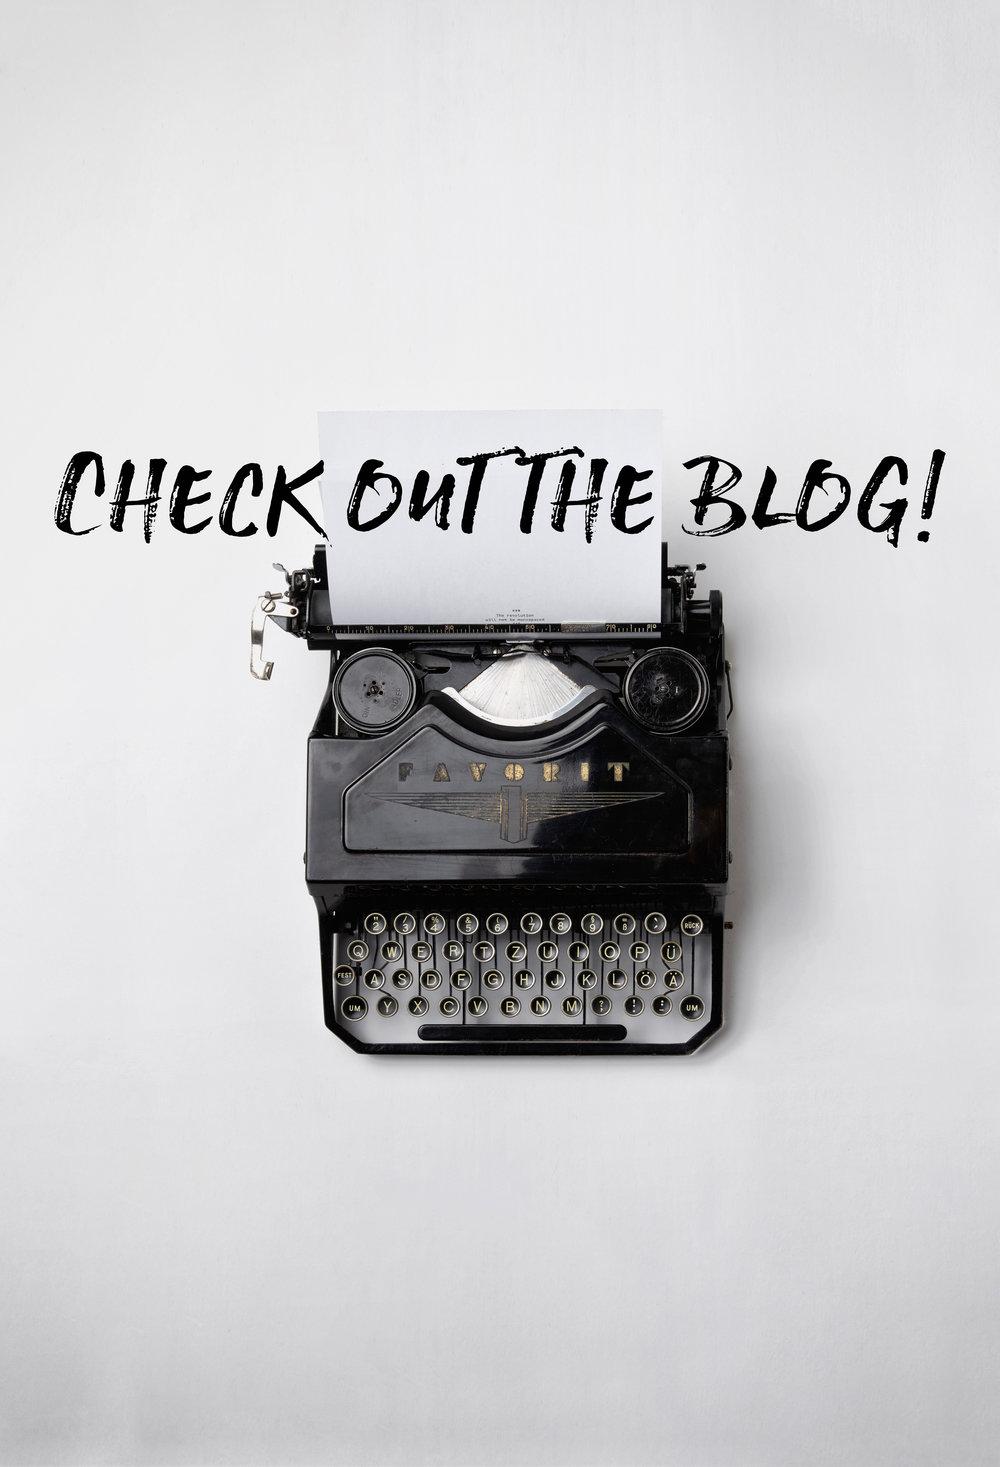 blogcover.jpg